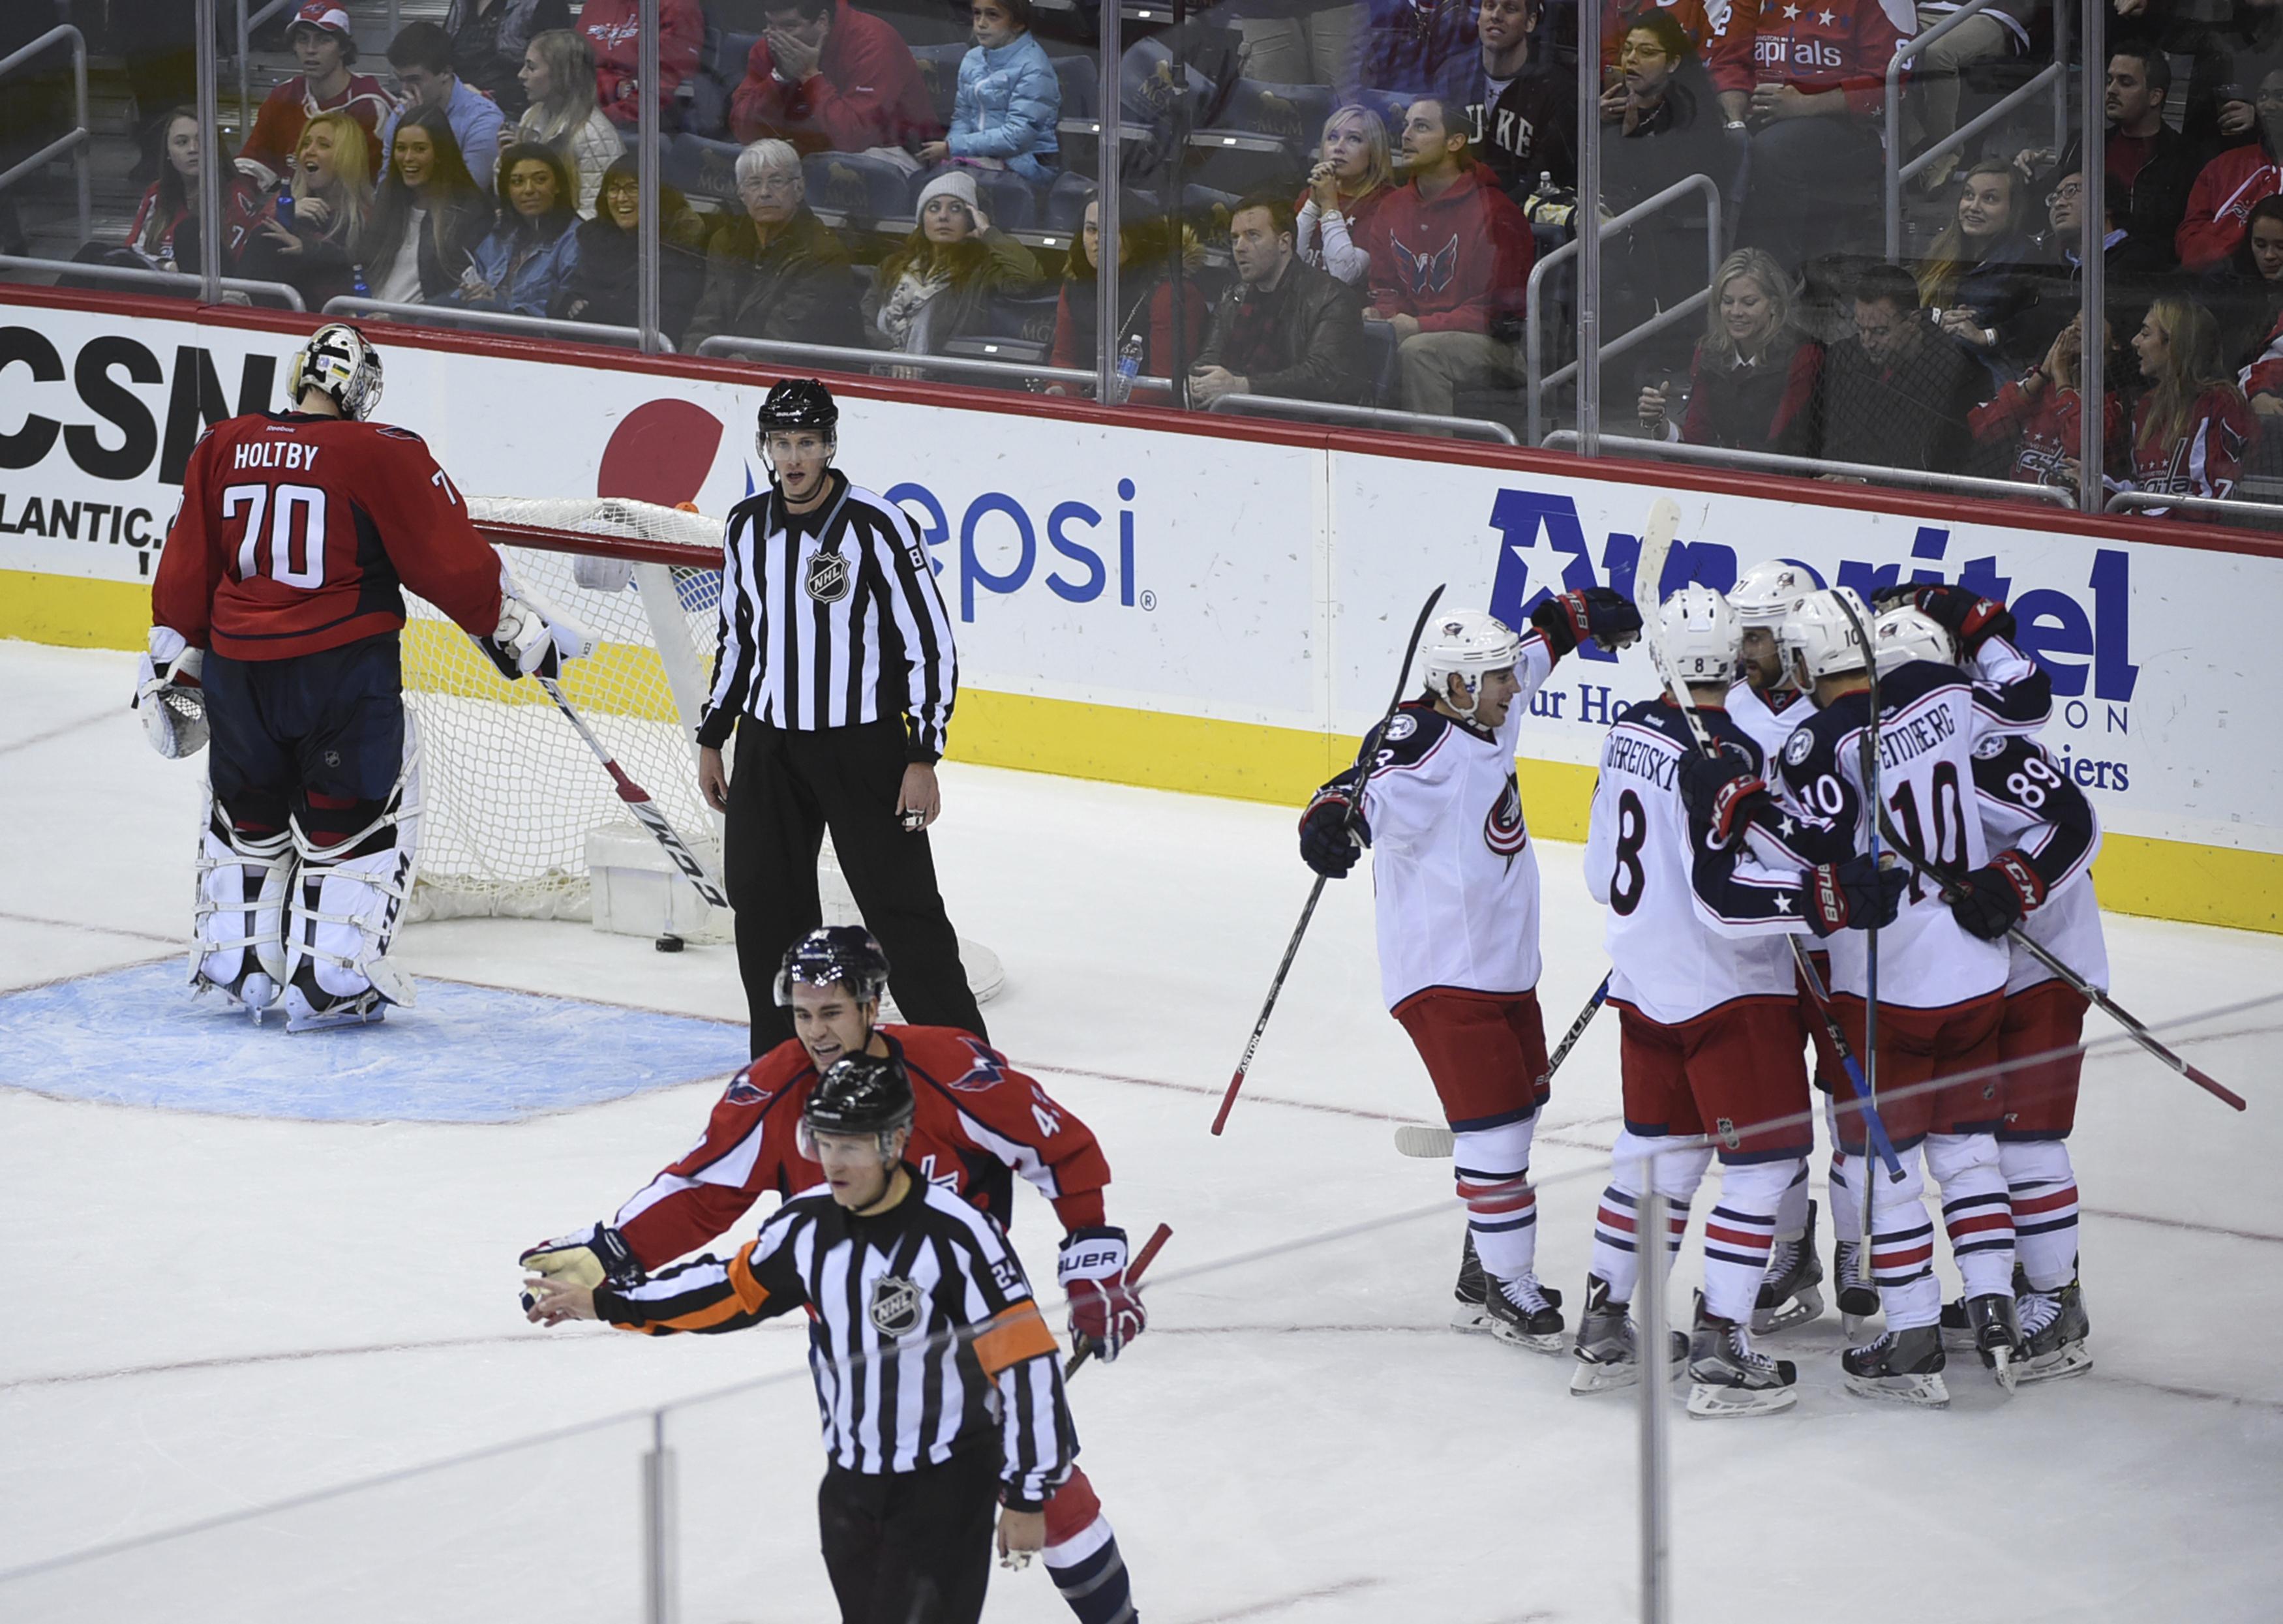 Blue_jackets_capitals_hockey.jpeg-fe448